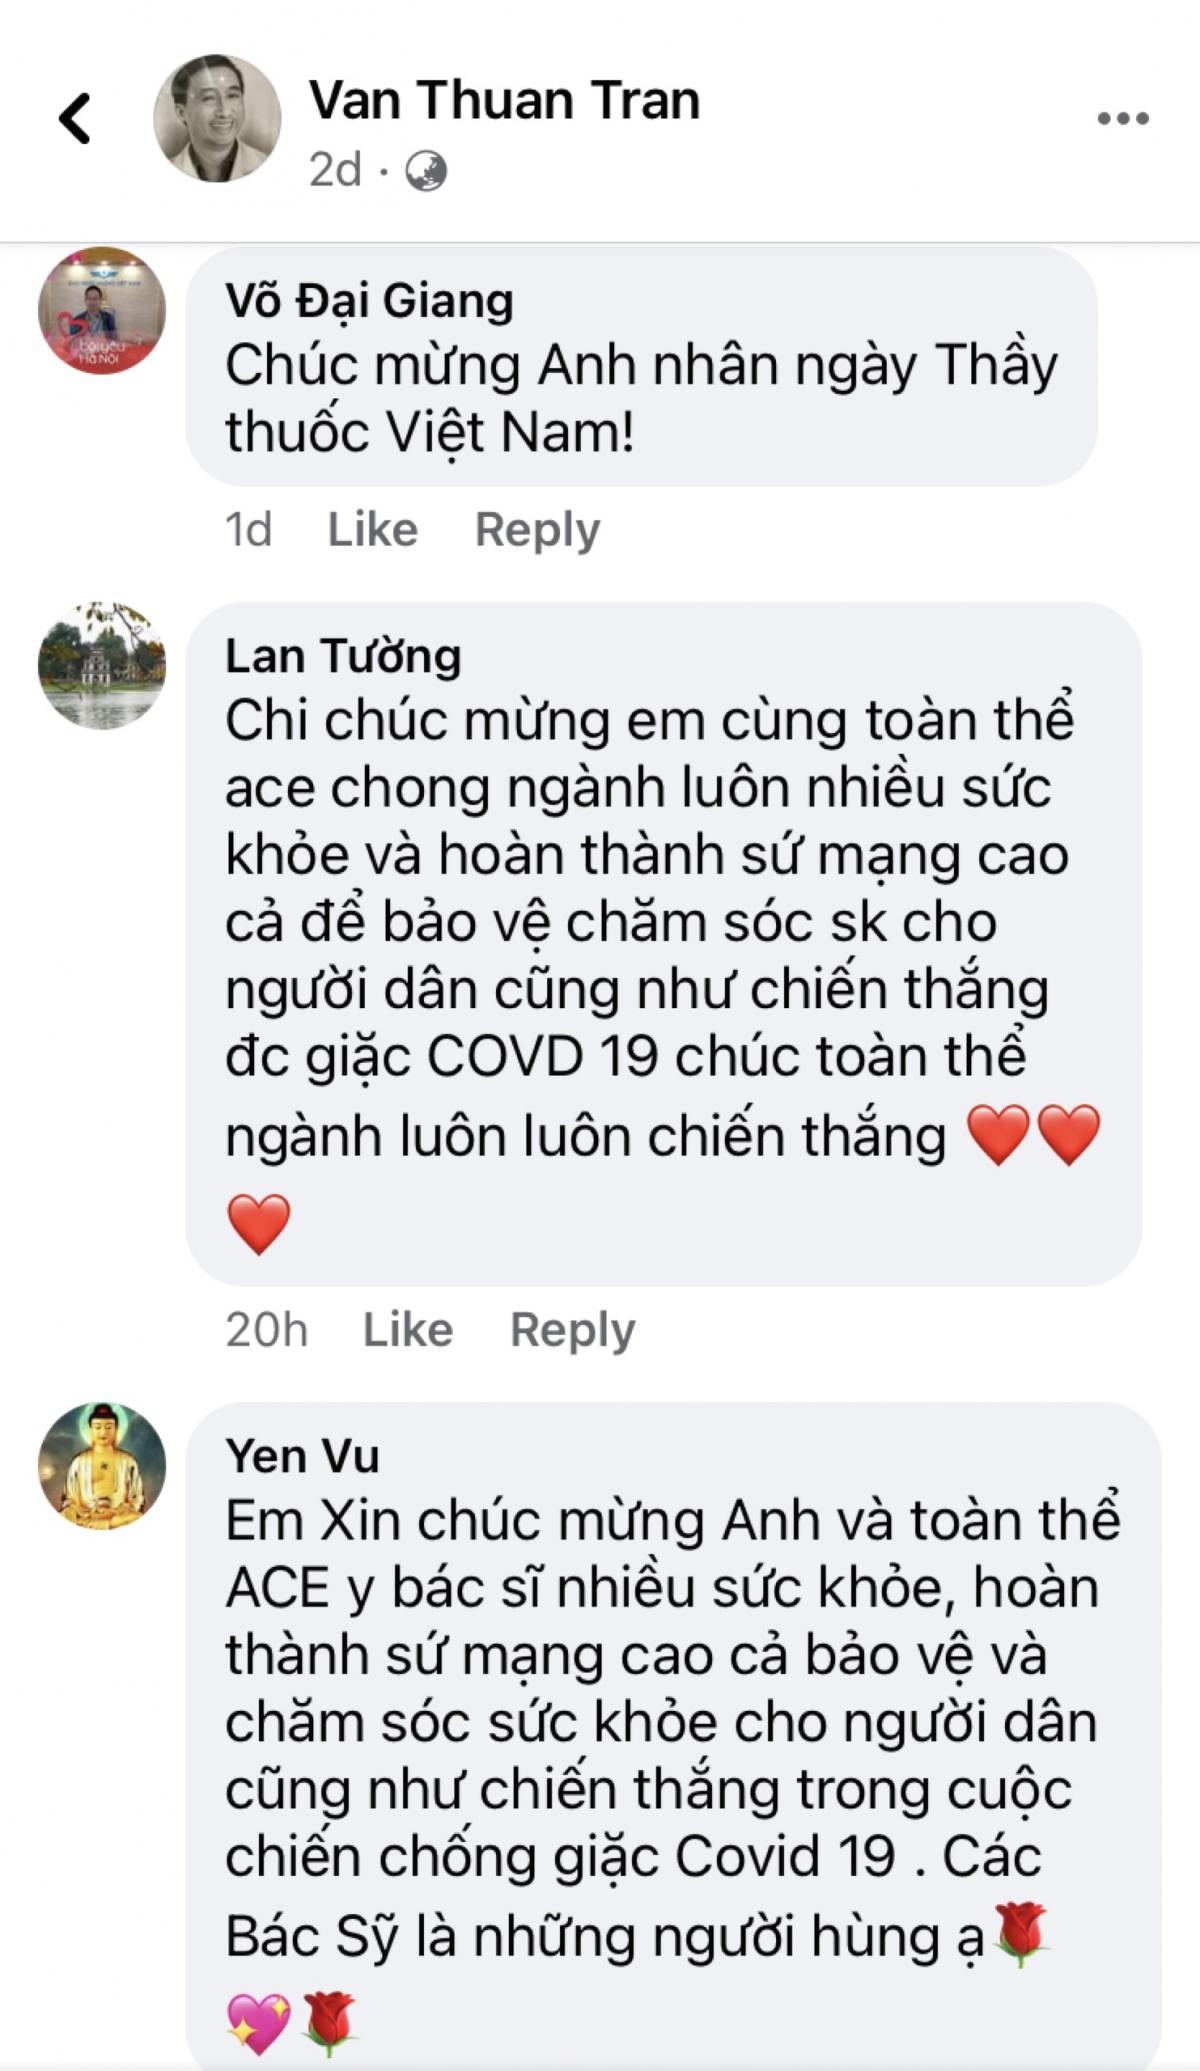 Những lời chúc nhân Ngày Thầy thuốc Việt Nam của cộng đồng mạng trên trang Facebook cá nhân của Thứ trưởng Bộ Y tế Trần Văn Thuấn.